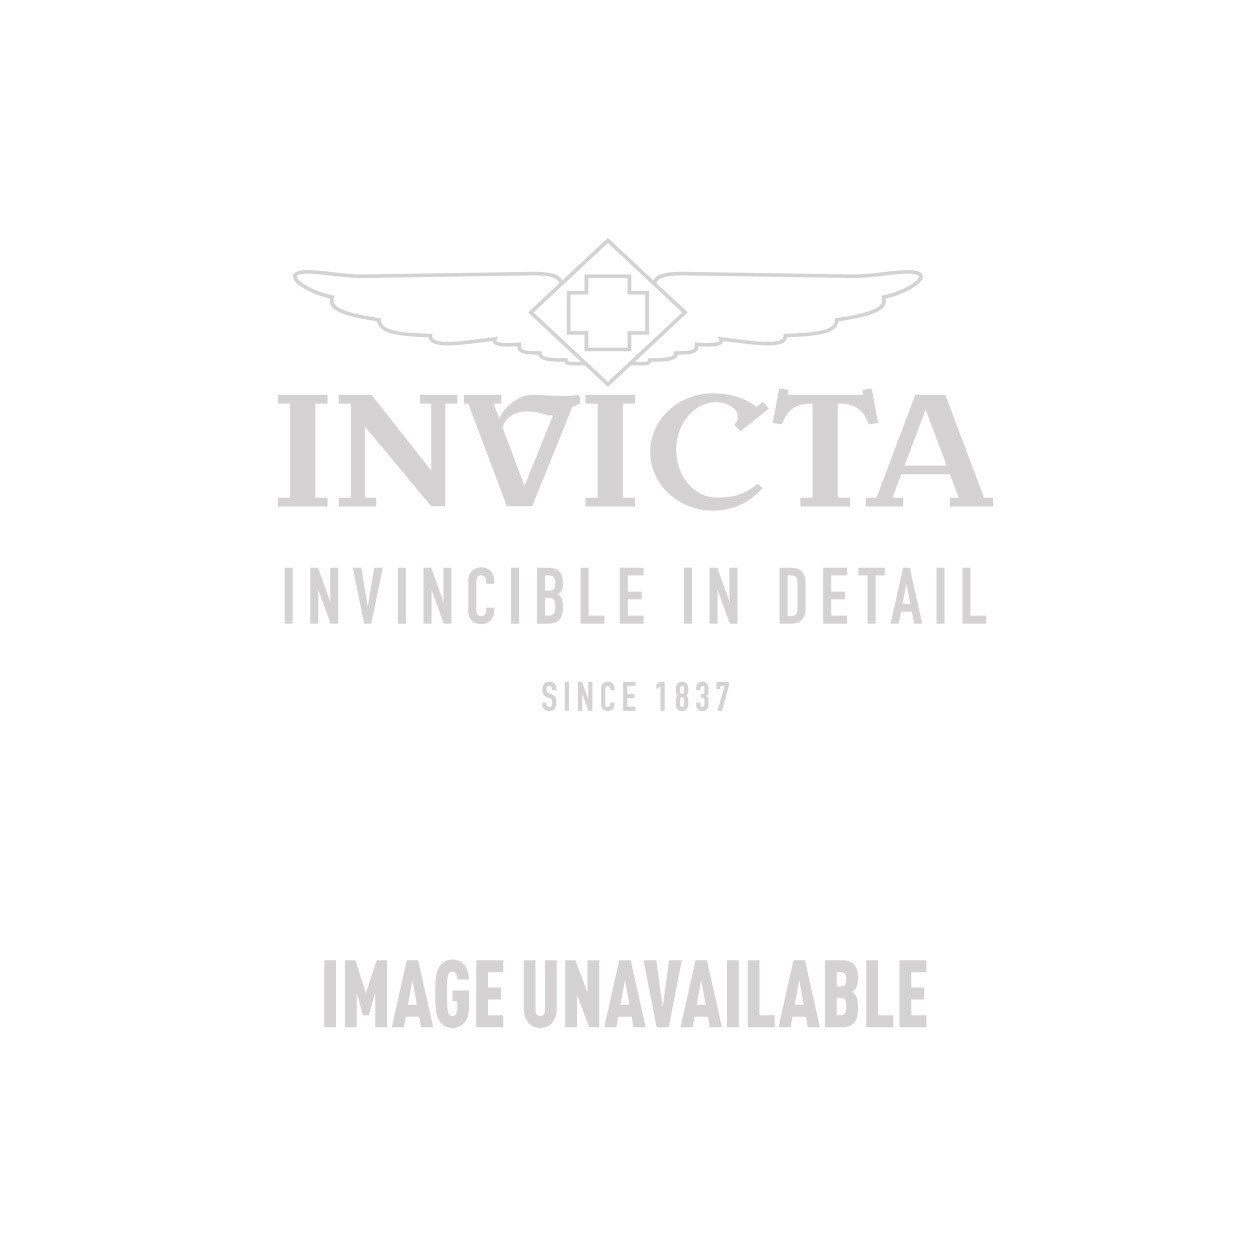 Invicta Model 27921